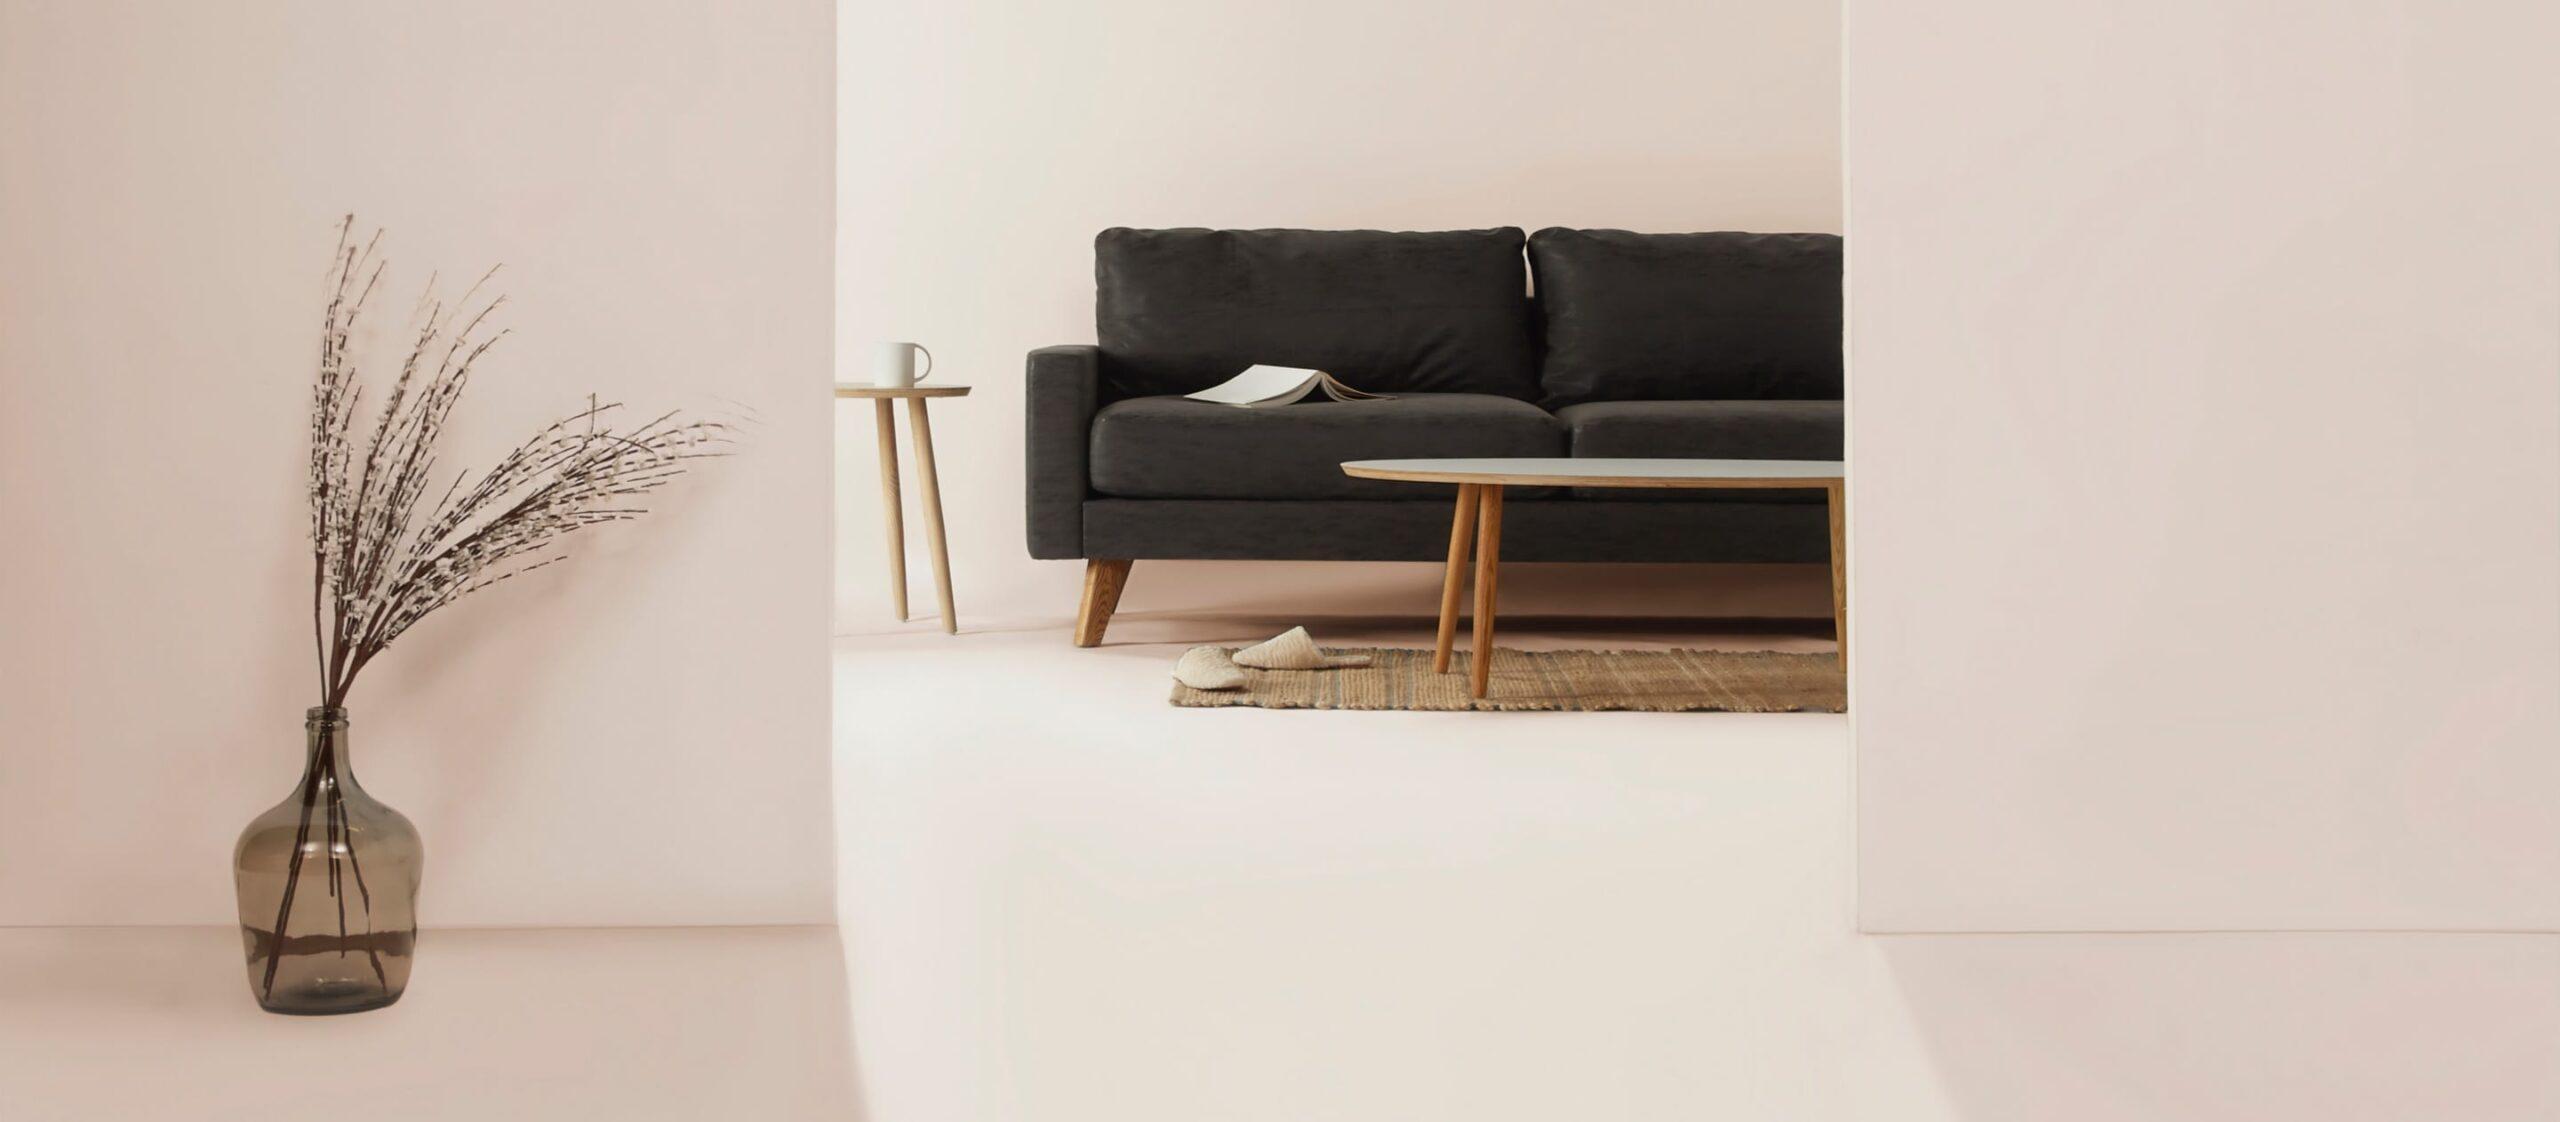 Elegant WordPress website for French interior designer